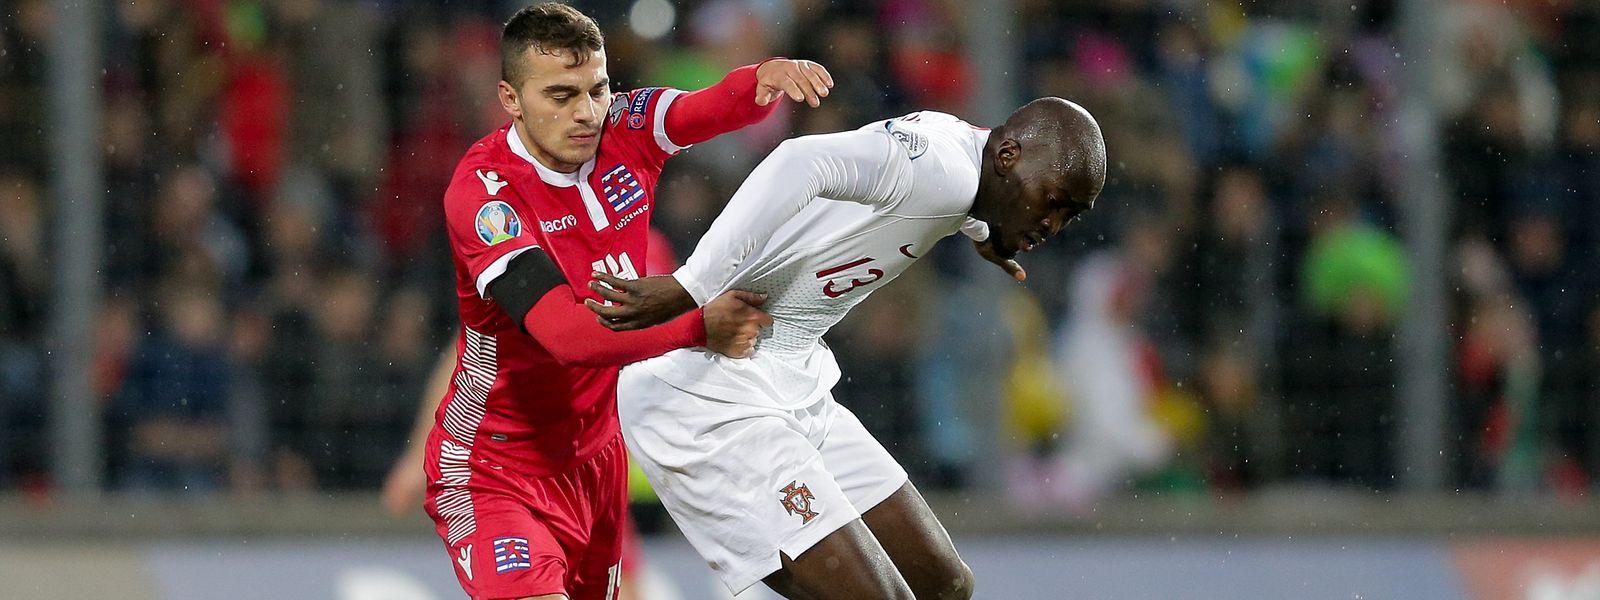 Danel Sinani, à la lutte avec le Portugais Danilo, pourrait retrouver le stade GSP de Nicosie où il avait inscrit un doublé en septembre dernier avec le F91.